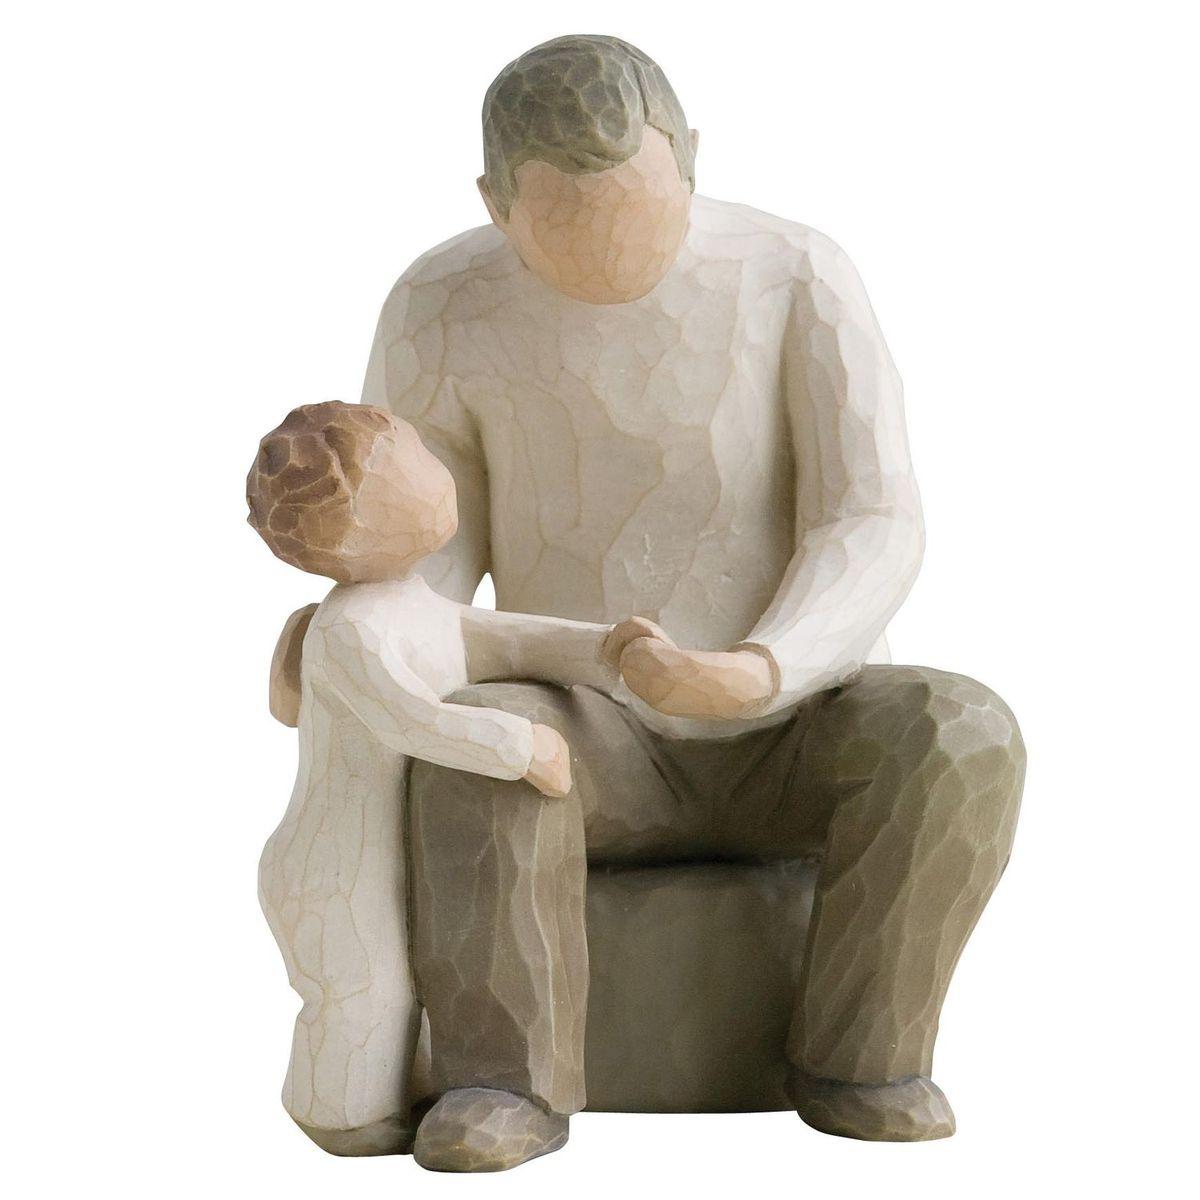 Фигурка Willow Tree Дедушка, 14 см26058Эти прекрасные статуэтки созданы канадским скульптором Сьюзан Лорди. Каждая фигурка – это настоящее произведение искусства, образная скульптура в миниатюре, изображающая эмоции и чувства, которые помогают нам чувствовать себя ближе к другим, верить в мечту, выражать любовь. Каждая фигурка помещена в красивую упаковку. Купить такой оригинальный подарок, значит не только украсить интерьер помещения или жилой комнаты, но выразить свое глубокое отношение к любимому человеку. Этот прекрасный сувенир будет лучшим подарком на день ангела, именины, день рождения, юбилей. Материал: Искусственный камень (49% карбонат кальция мелкозернистой разновидности, 51% искусственный камень)